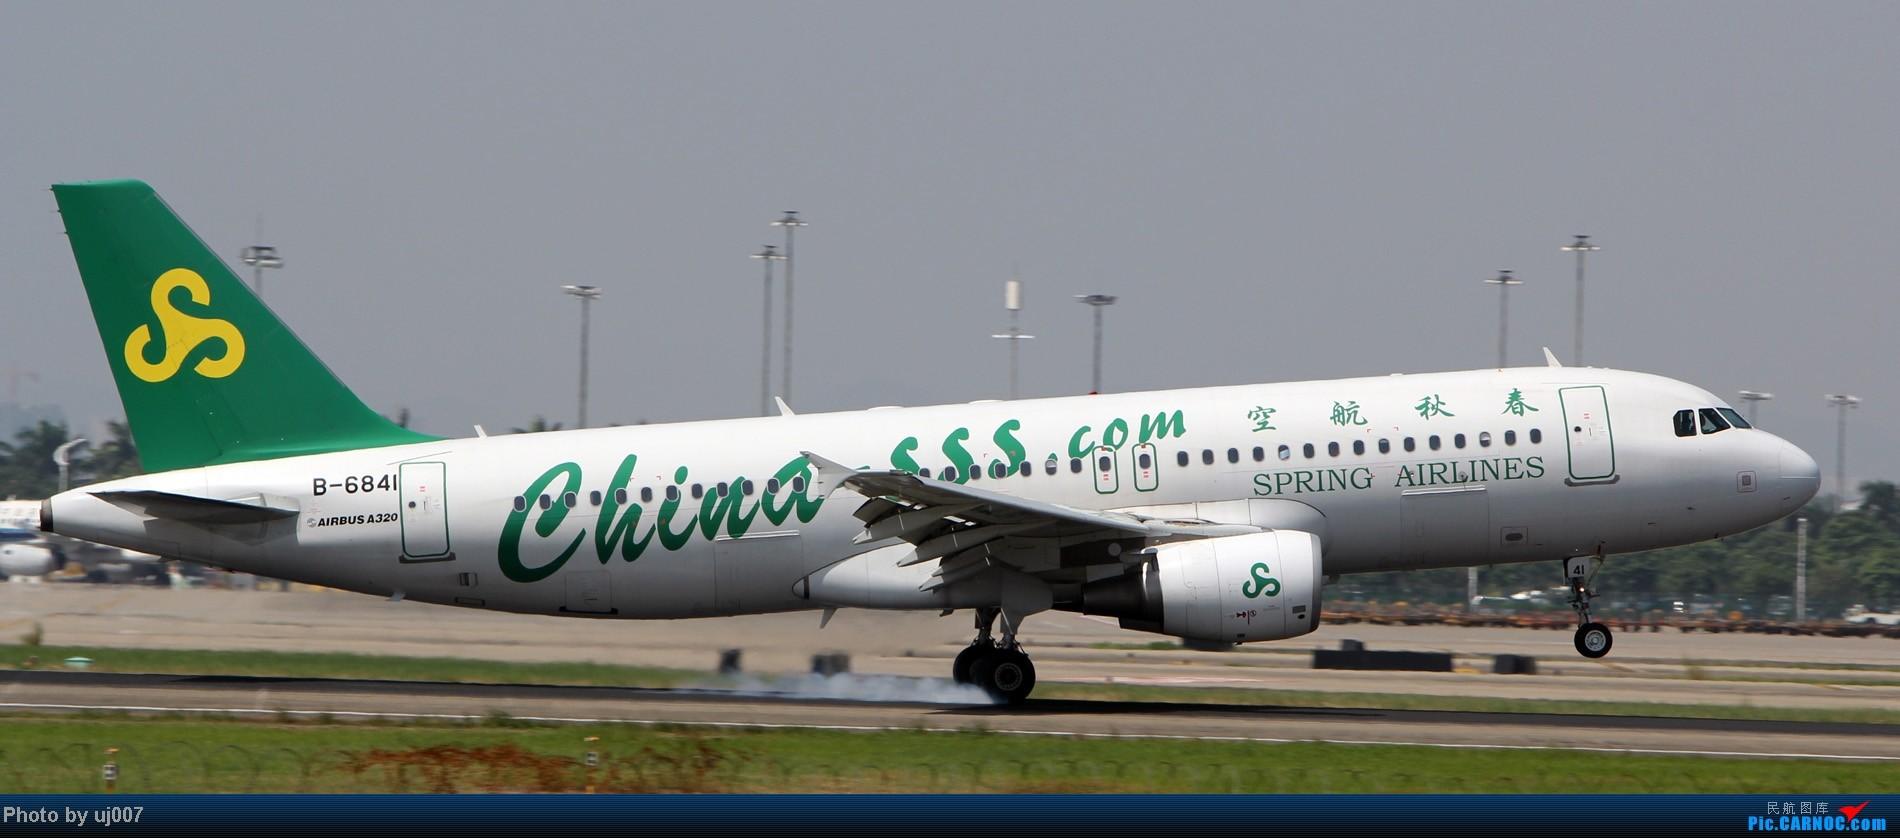 Re:[原创]10月2日白云拍机(大飞机,特别妆,外航,闪灯,擦烟)求指点. AIRBUS A320-200 B-6841 中国广州白云机场